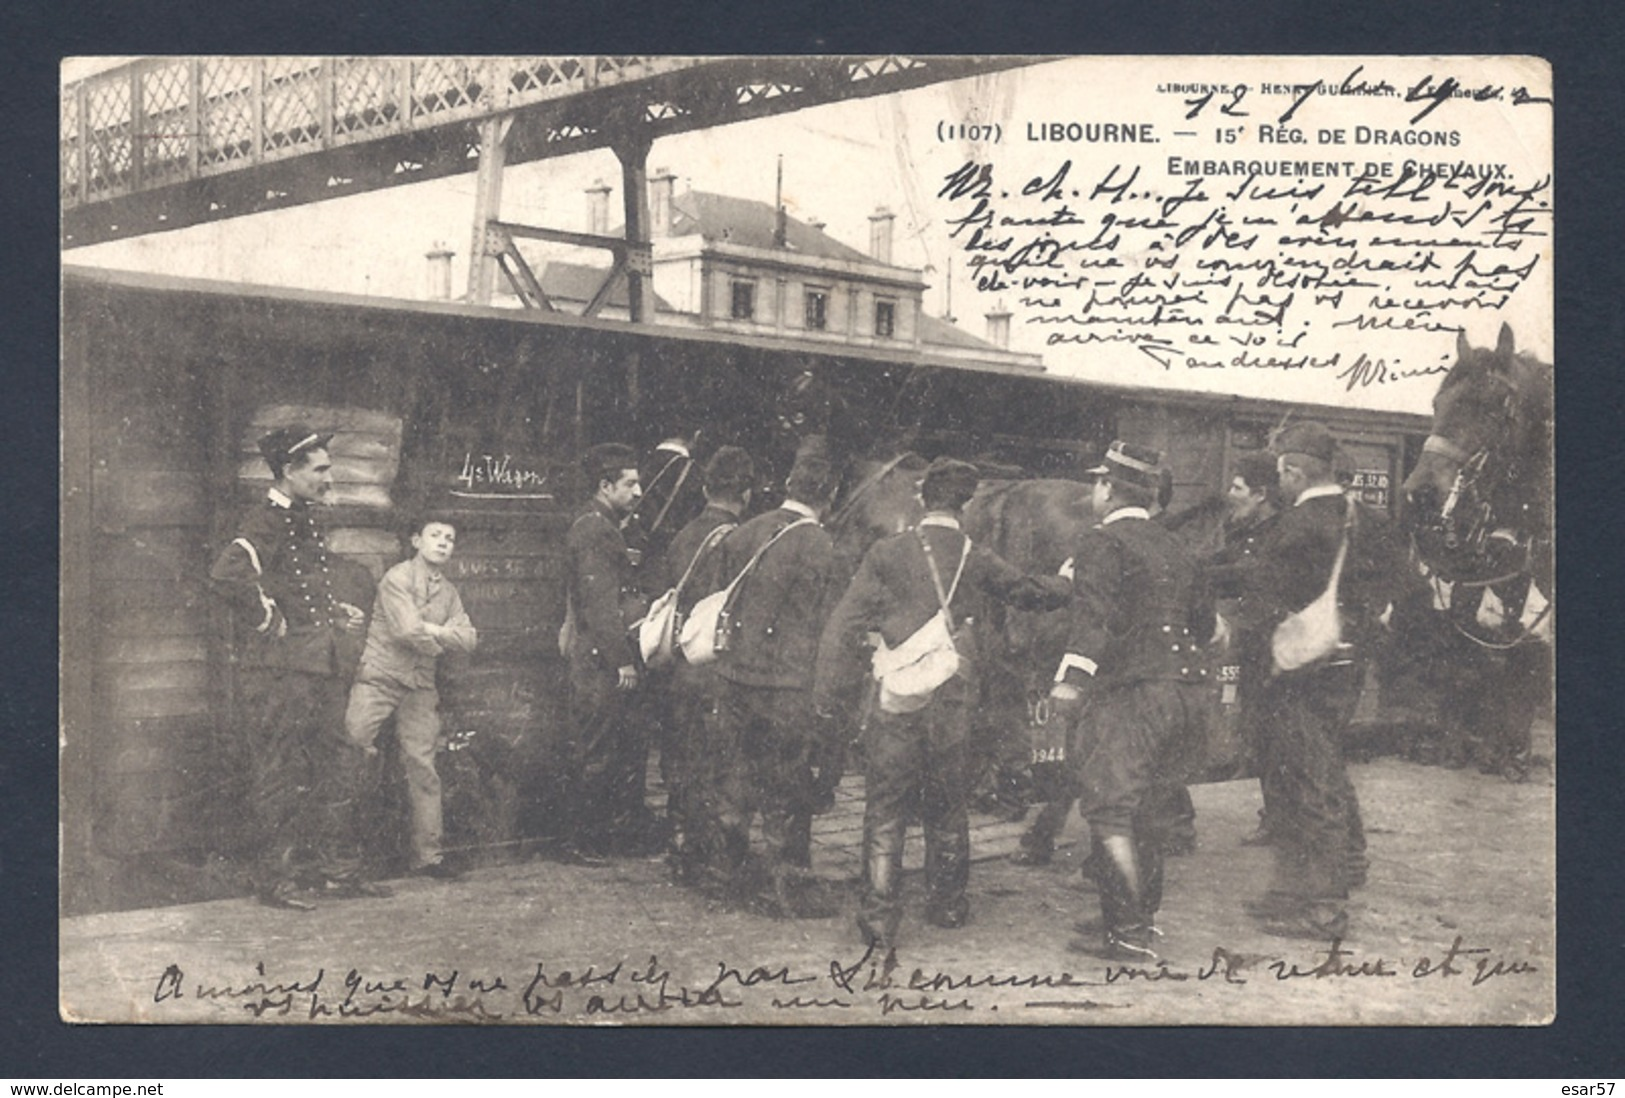 33 LIBOURNE 15 ème Régiment De Dragons Embarquement De Chevaux Dans Le Train - Libourne